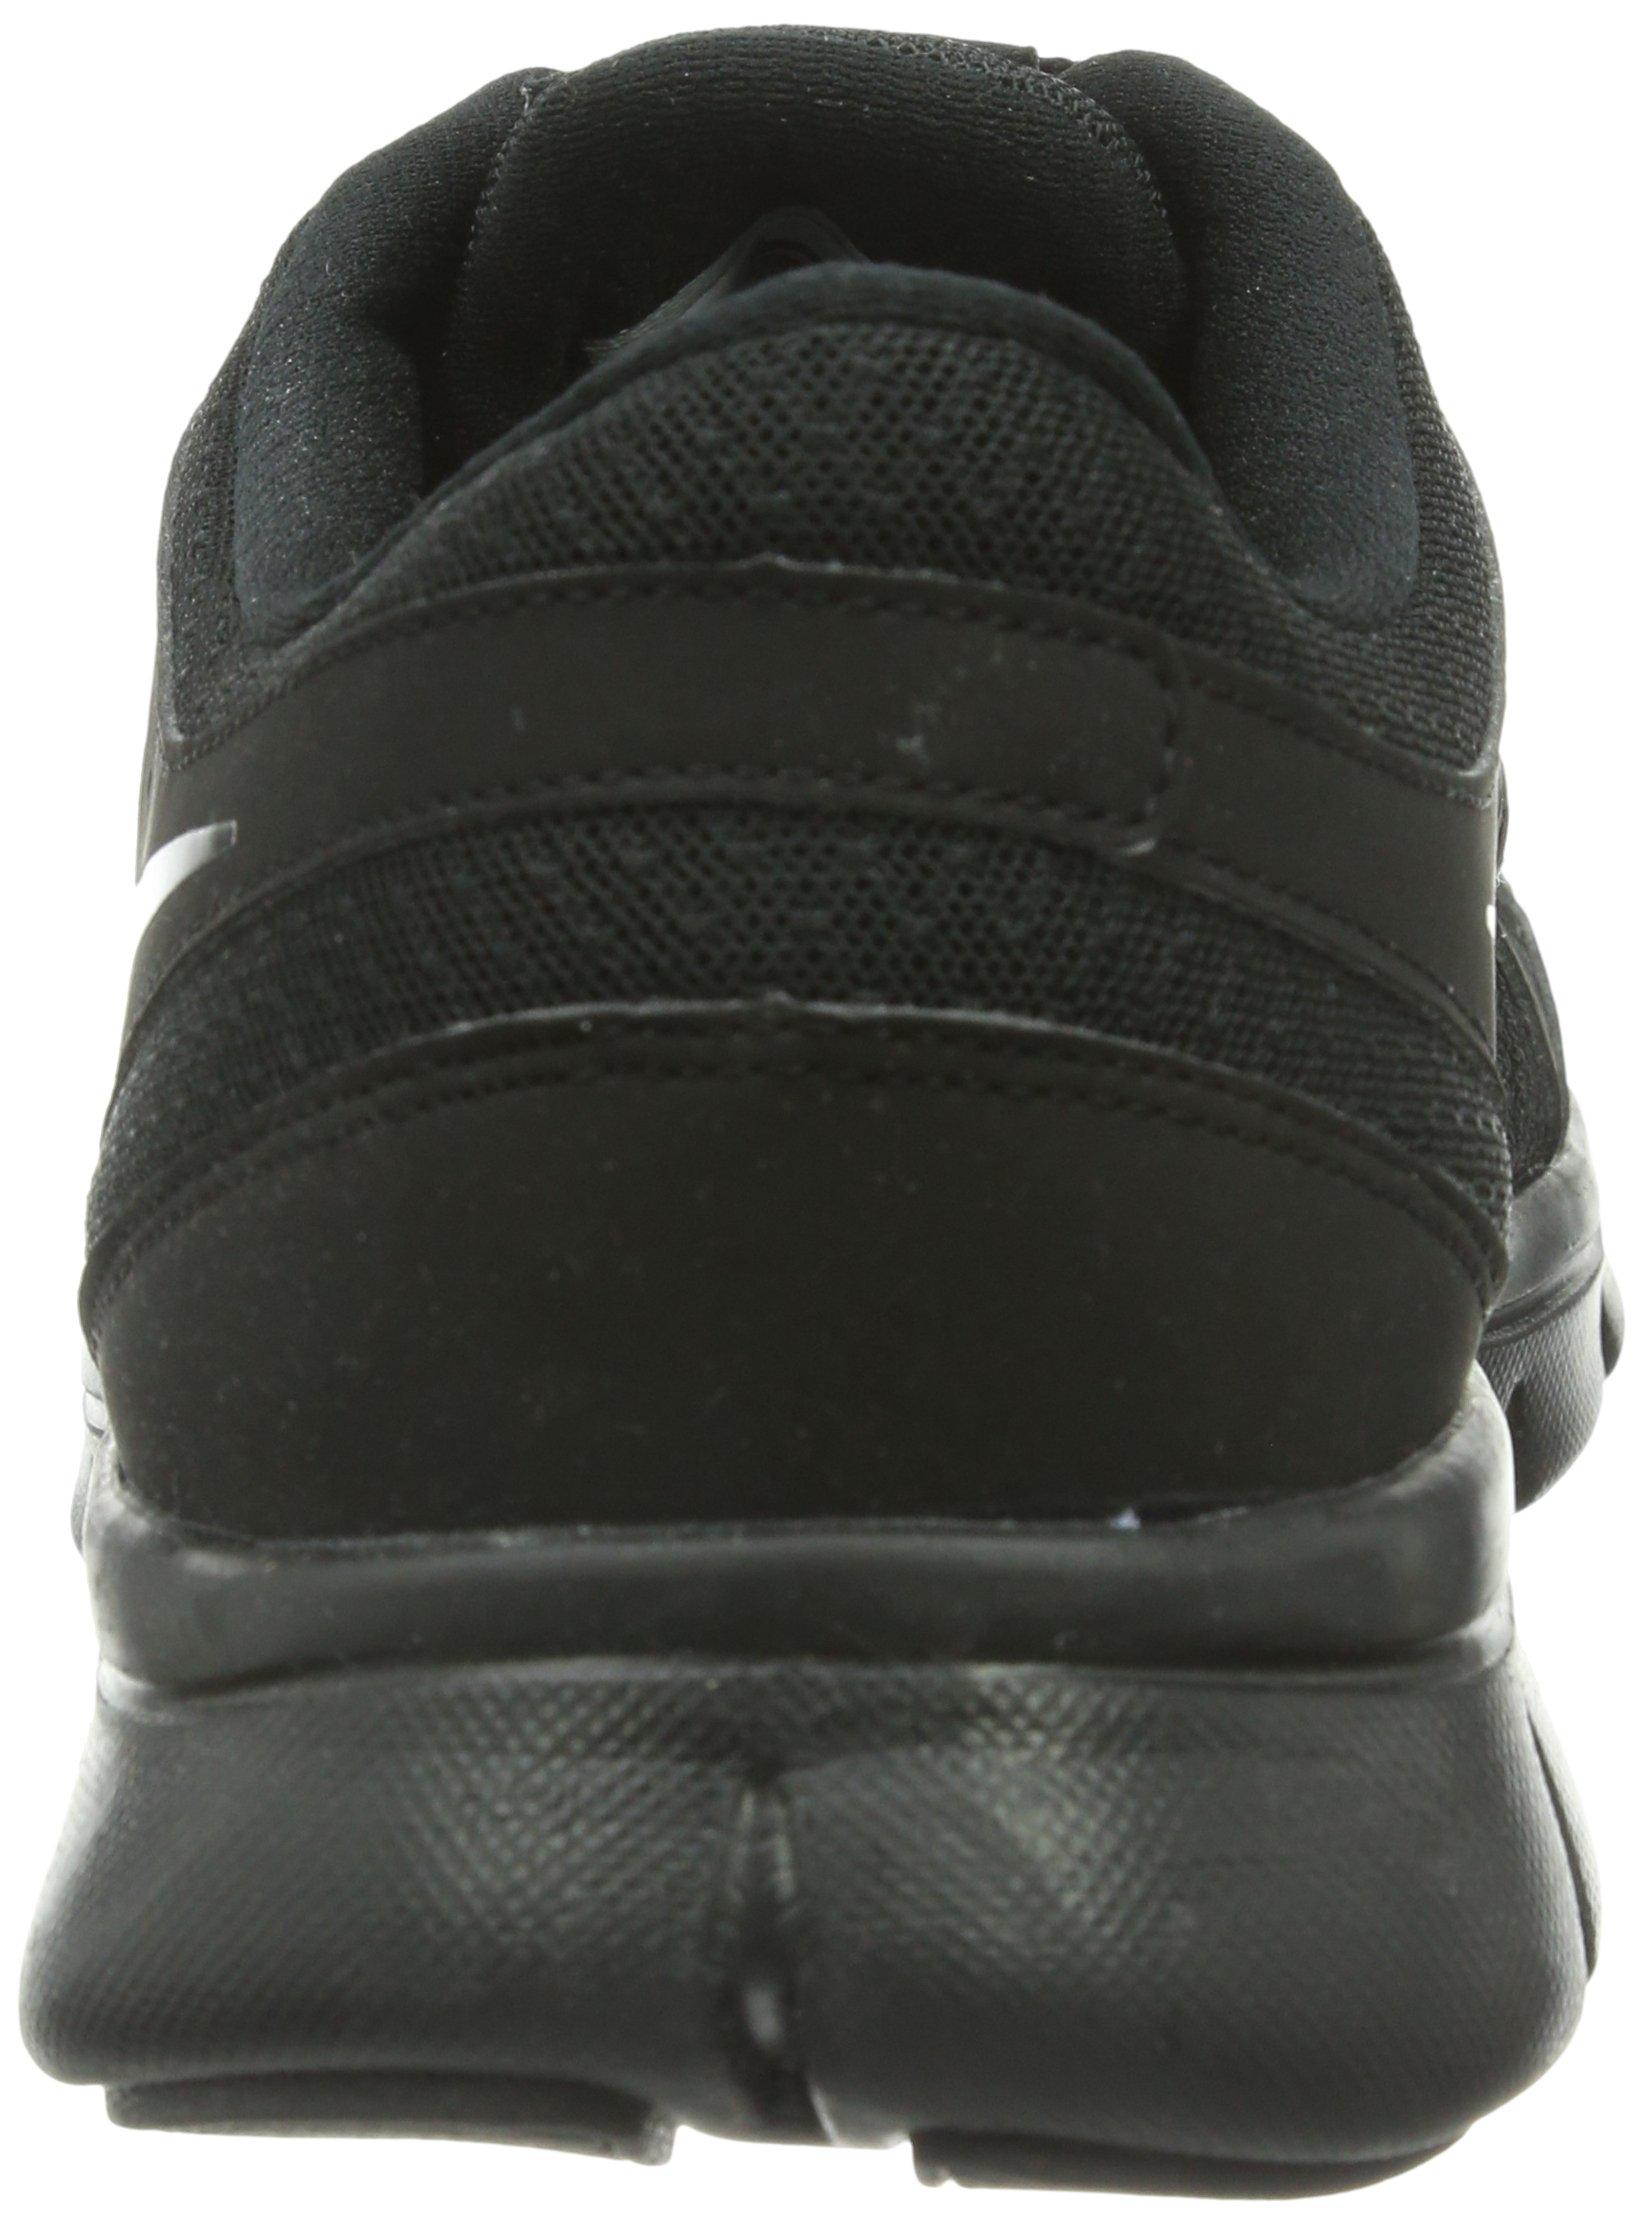 81T3i1%2Bu85L - Nike Women's sneakers